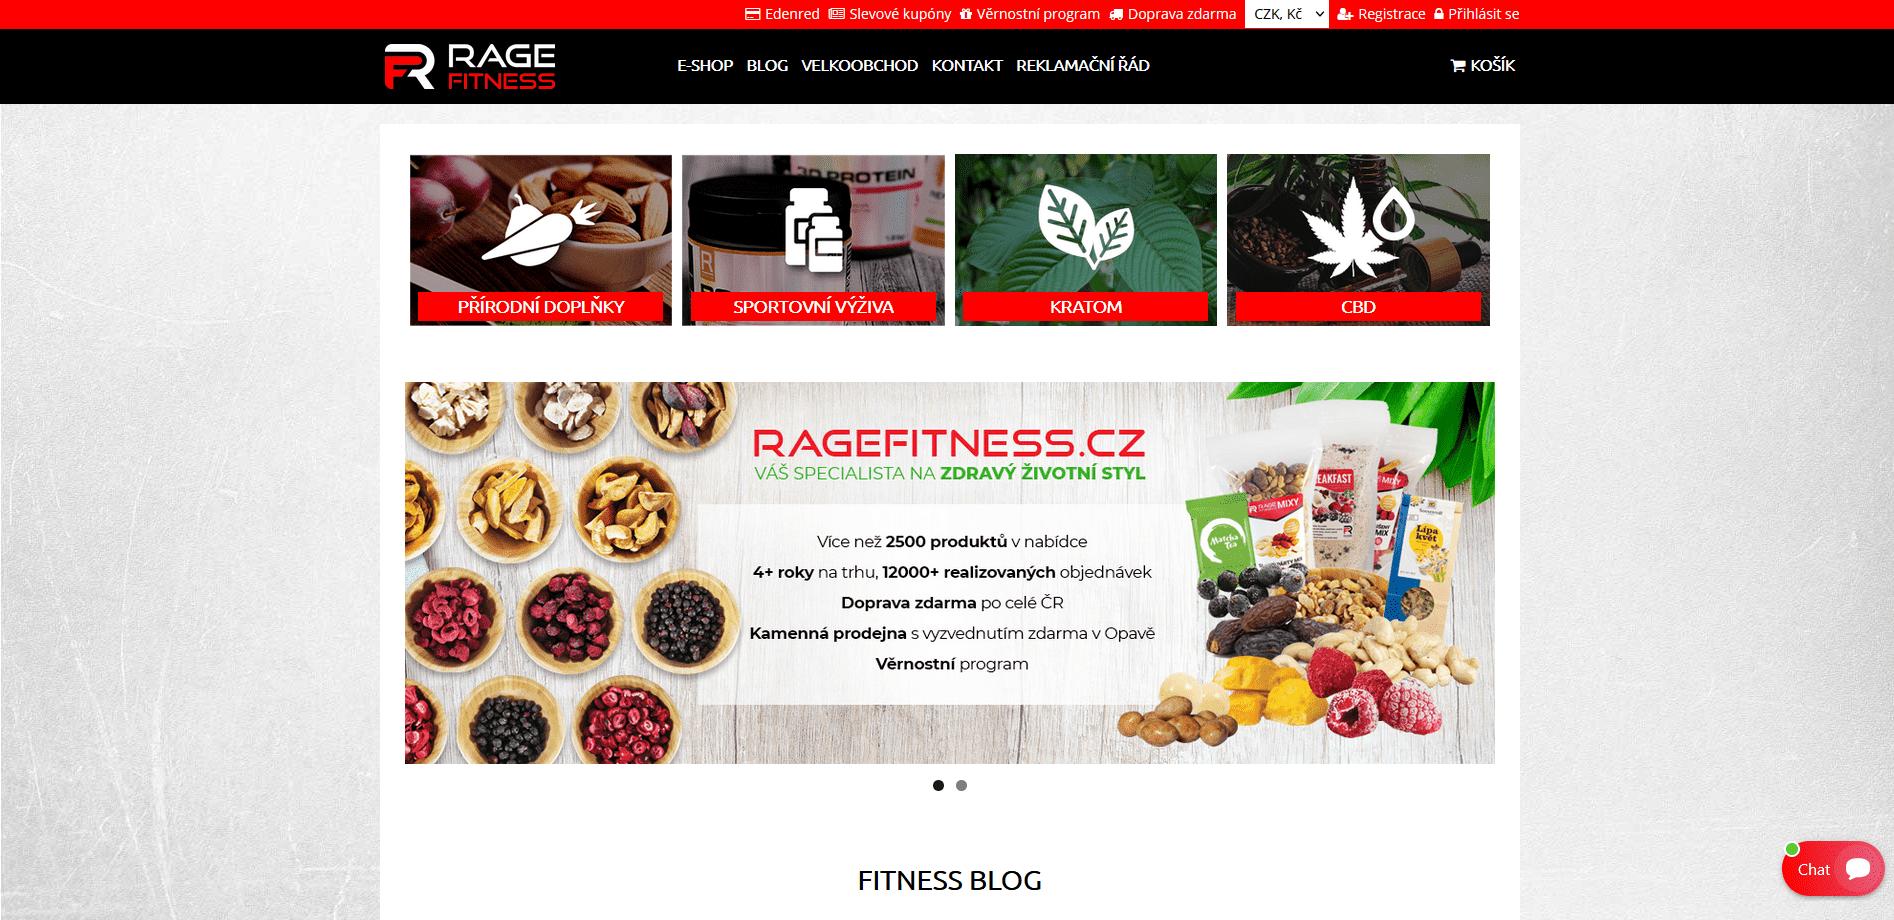 Ragefitness.cz e-shop